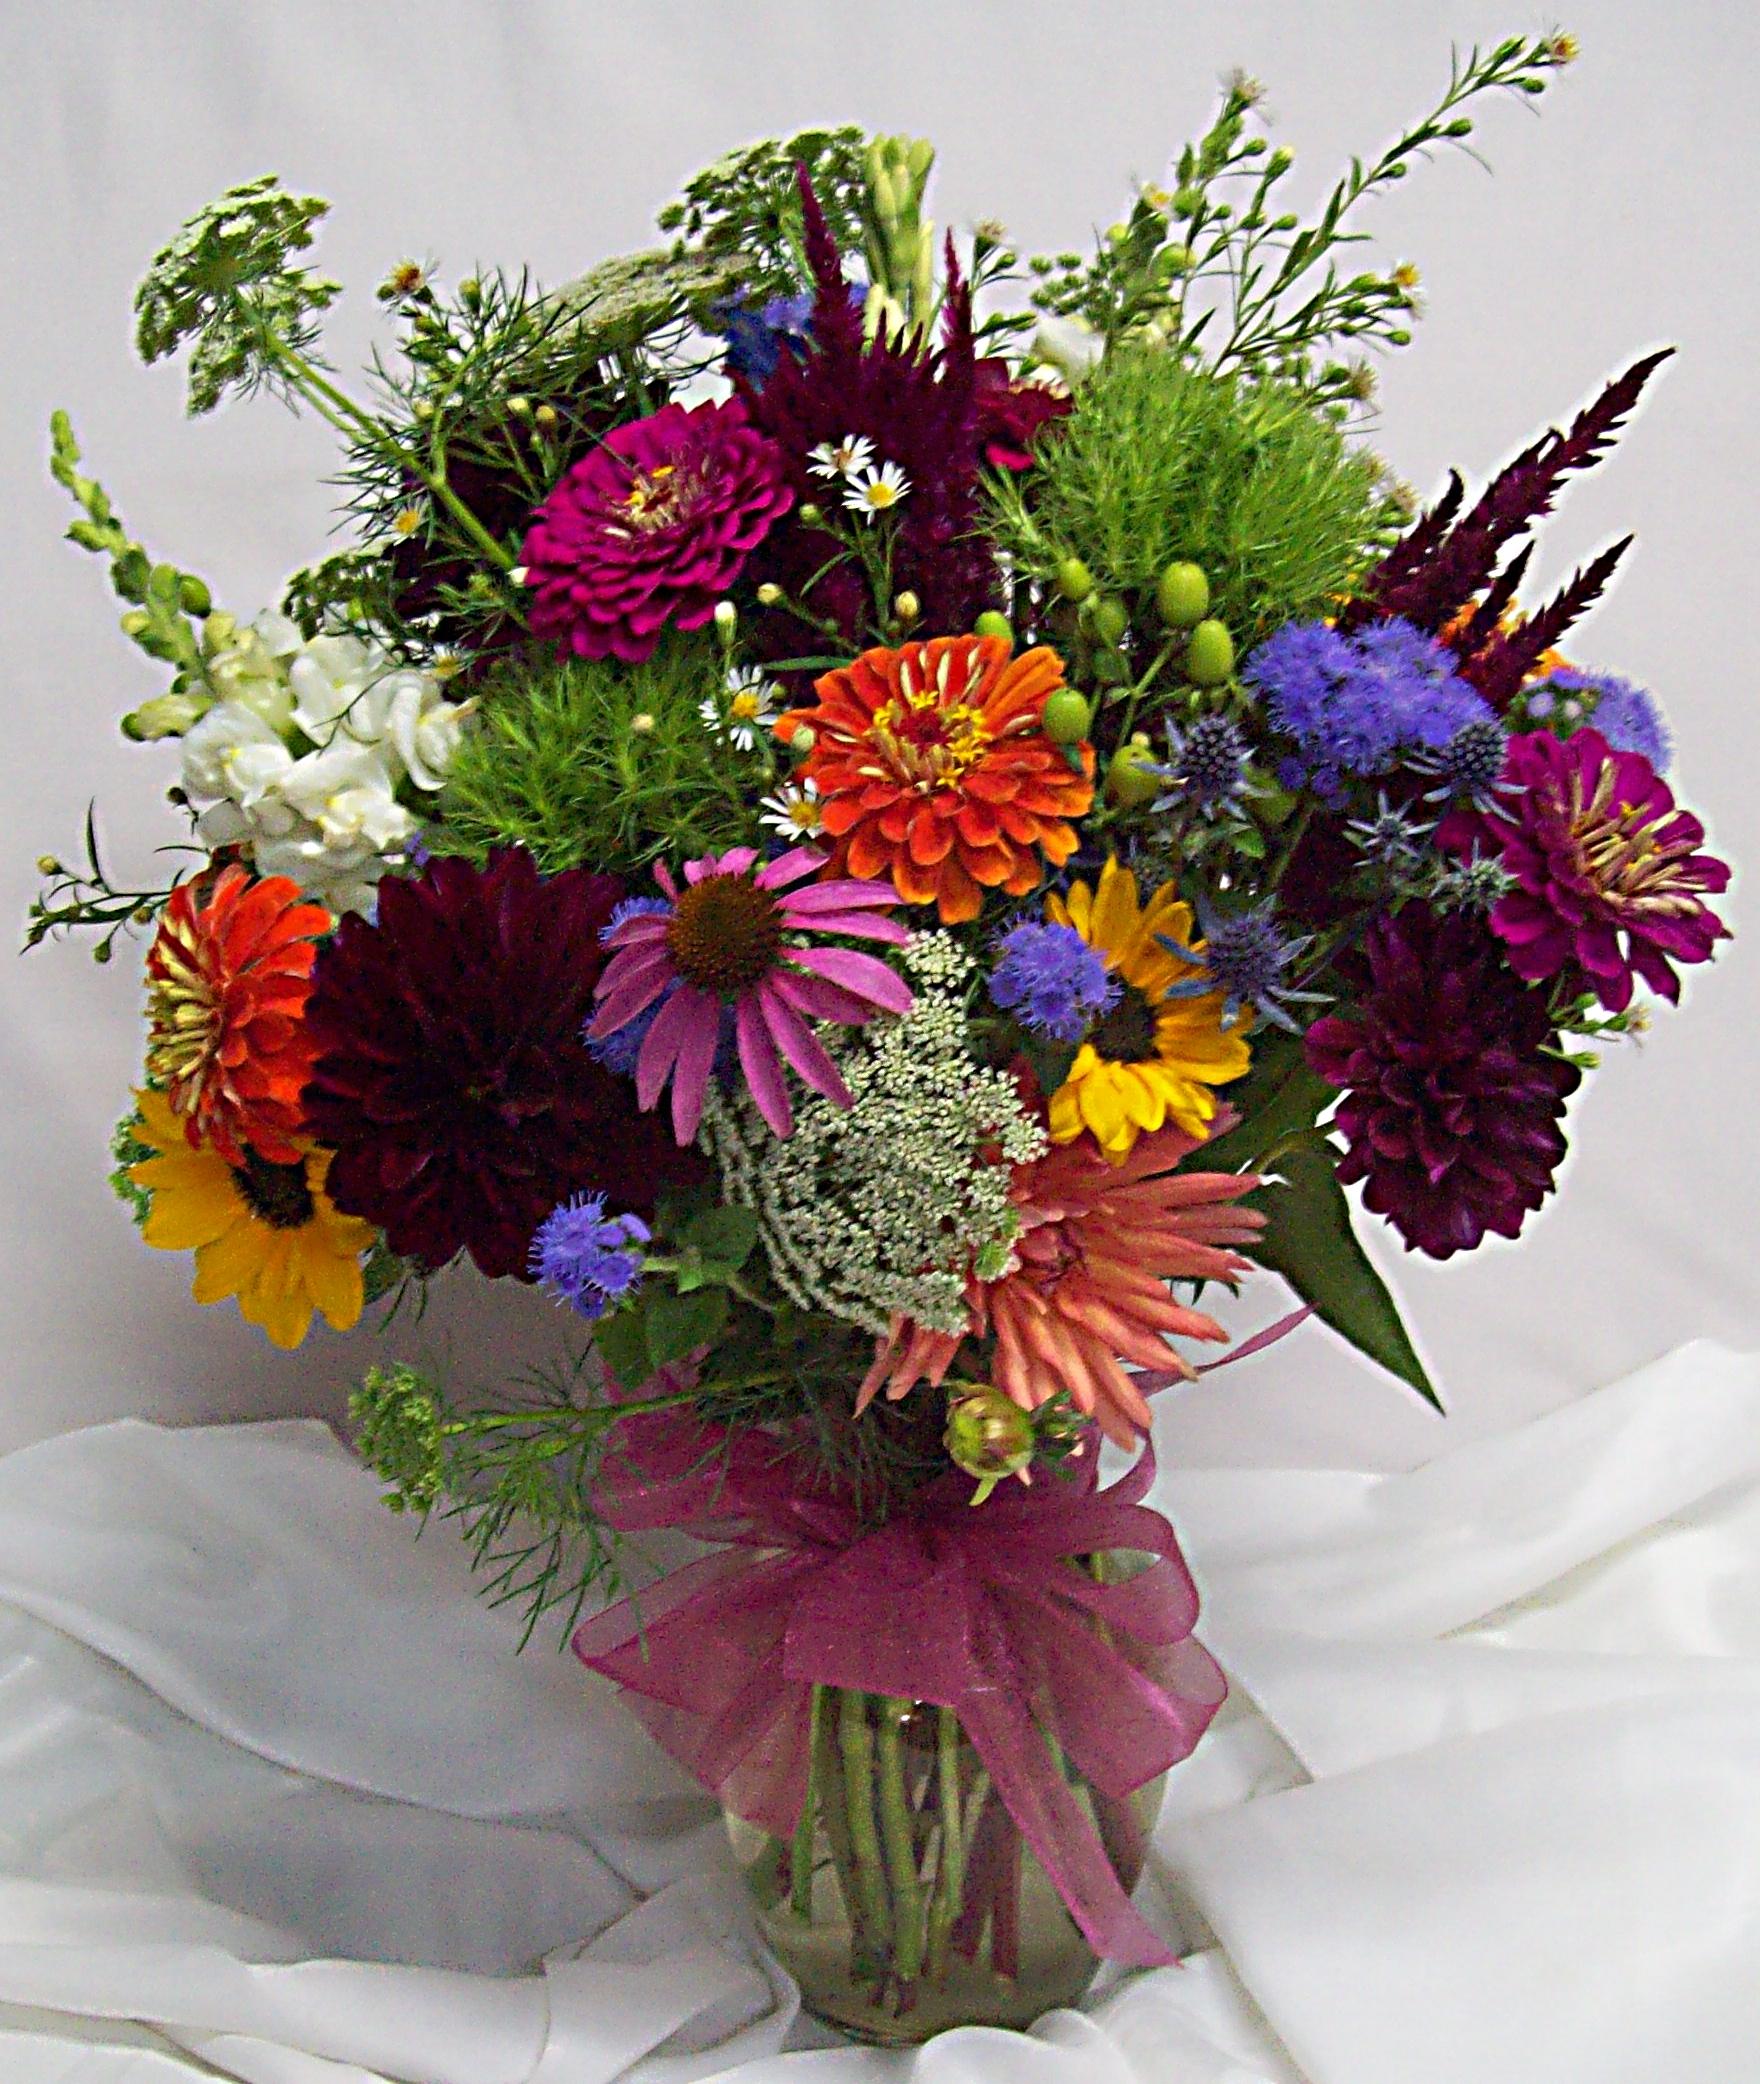 Prospect Ct Florist Flowers Waterbury Cheshire Naugatuck